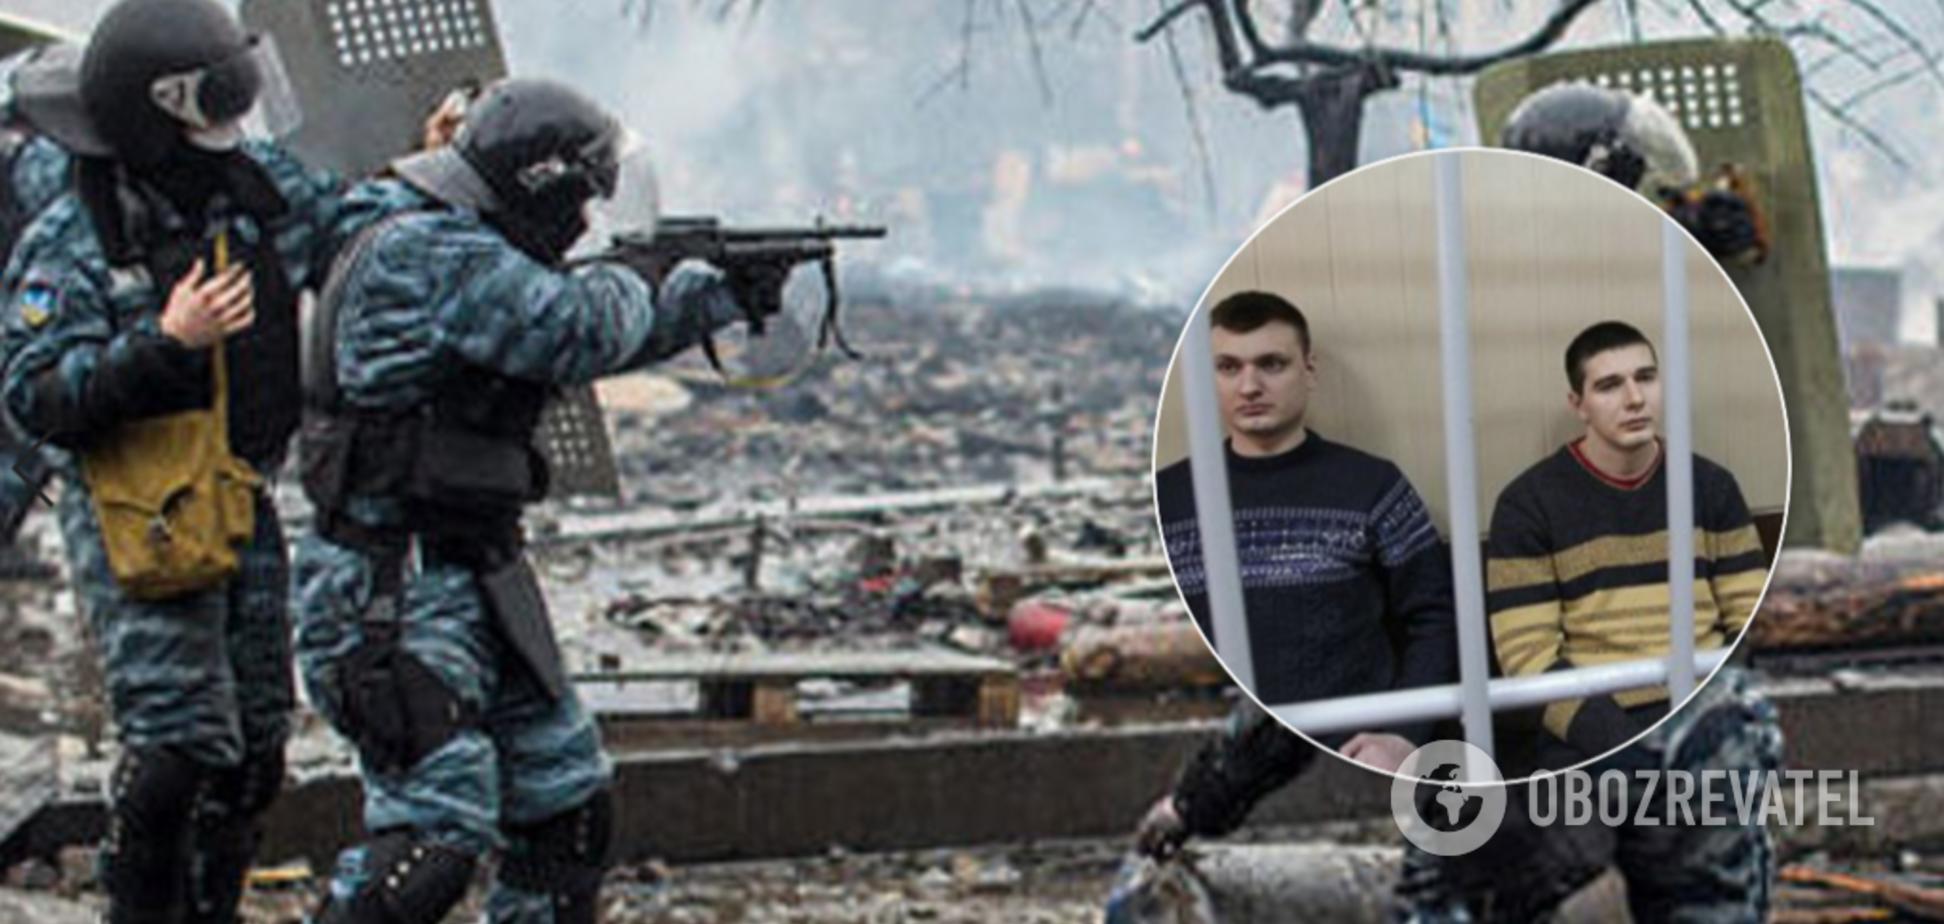 Суд залишив під вартою 'беркутівців' у справі Майдану